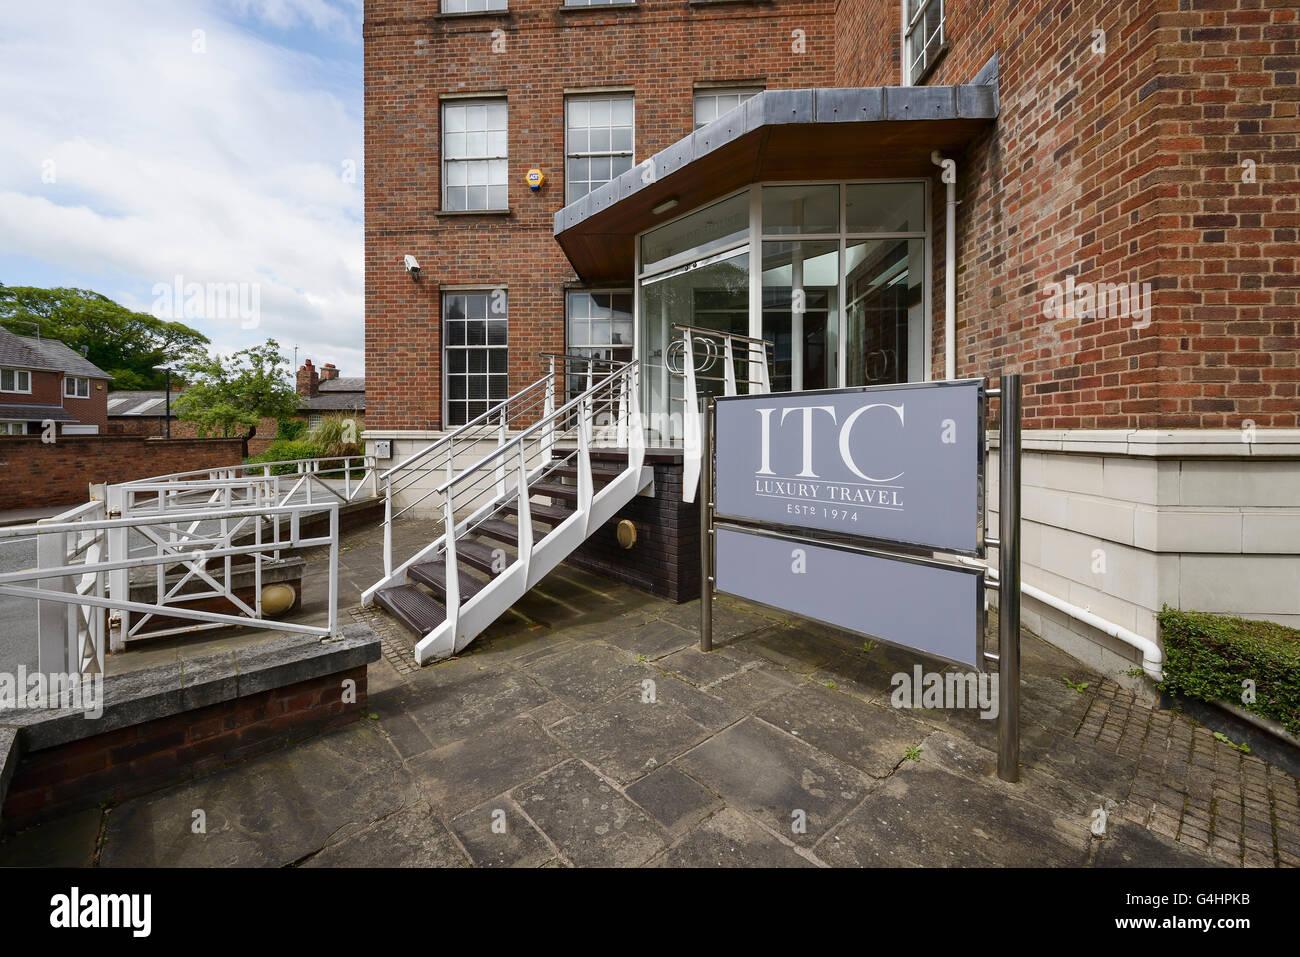 L'esterno dell'ufficio dei viaggi di lusso ITC di agenti che presentano in una BBC TV primo documentario Immagini Stock